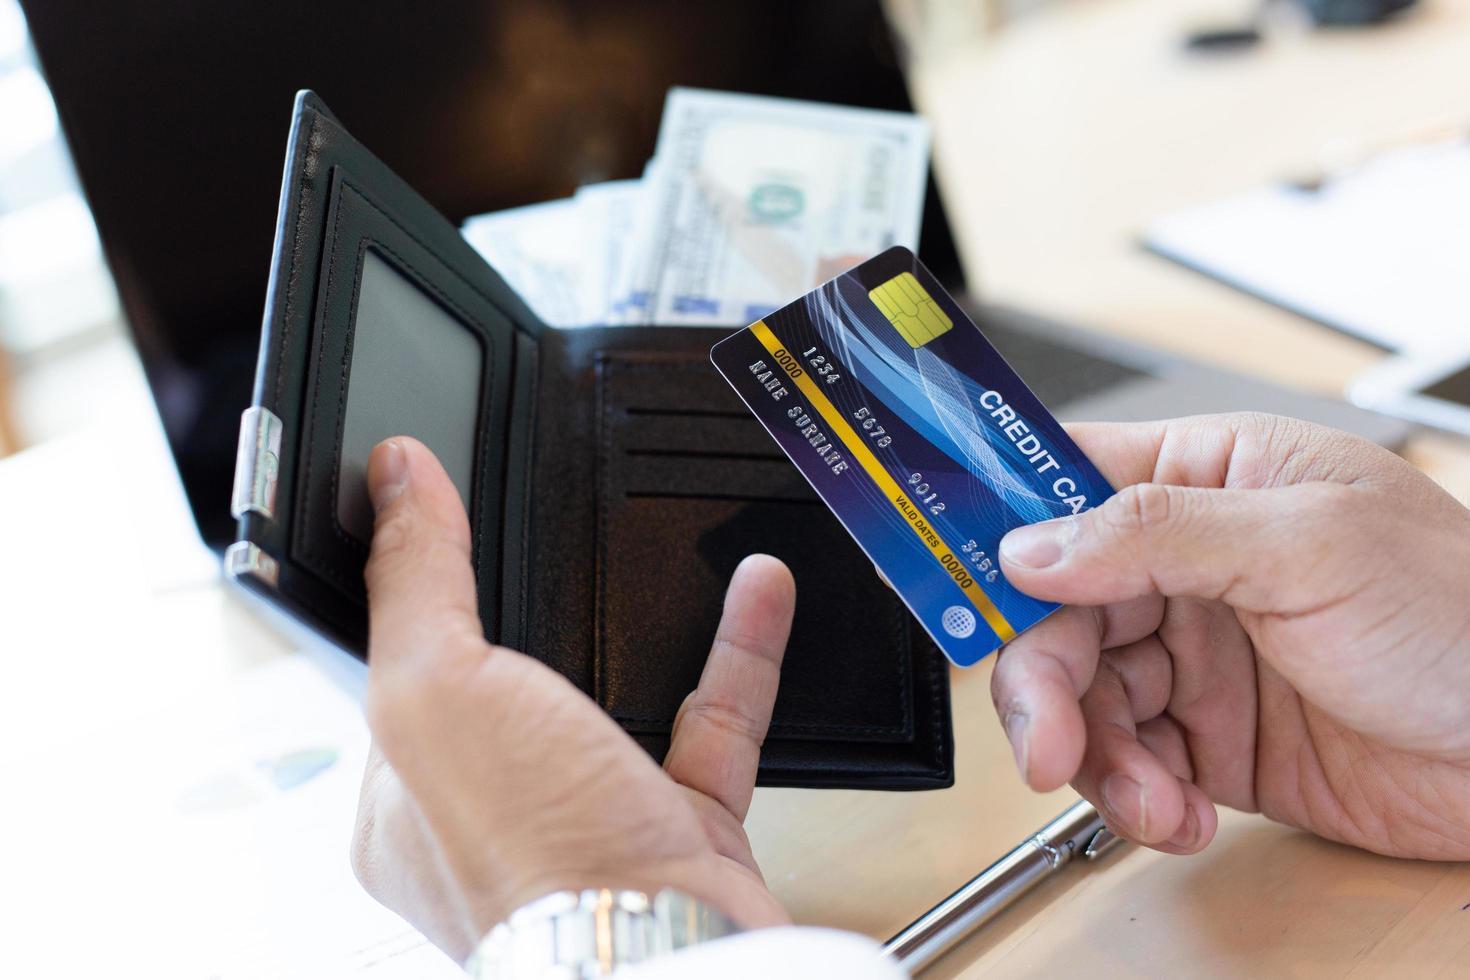 pessoa de finanças usando cartão de crédito no trabalho foto